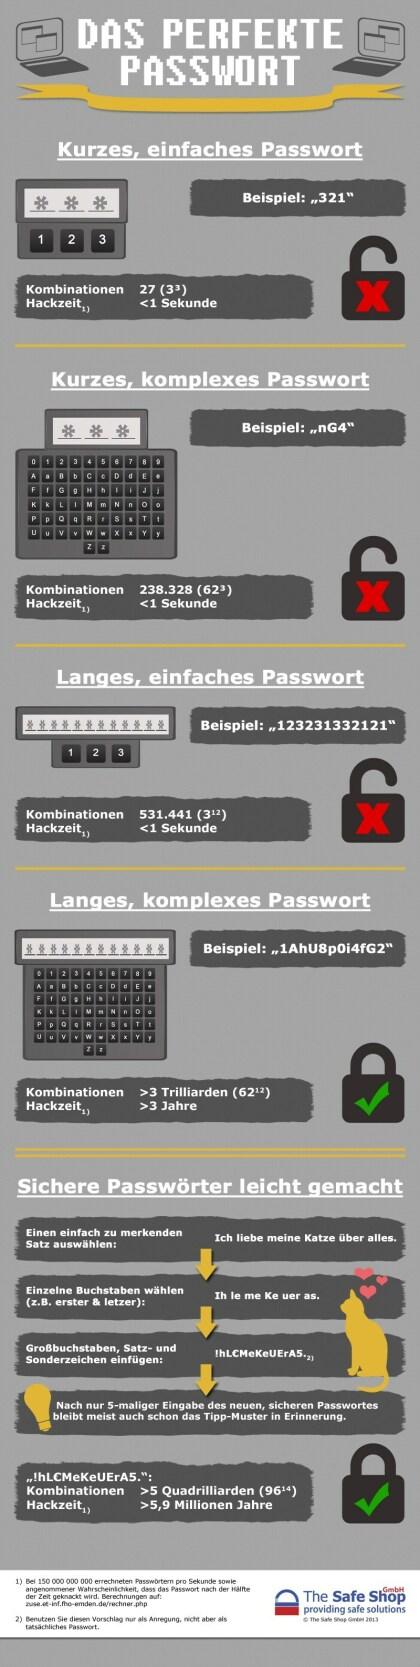 Ein sicheres Passwort wählen